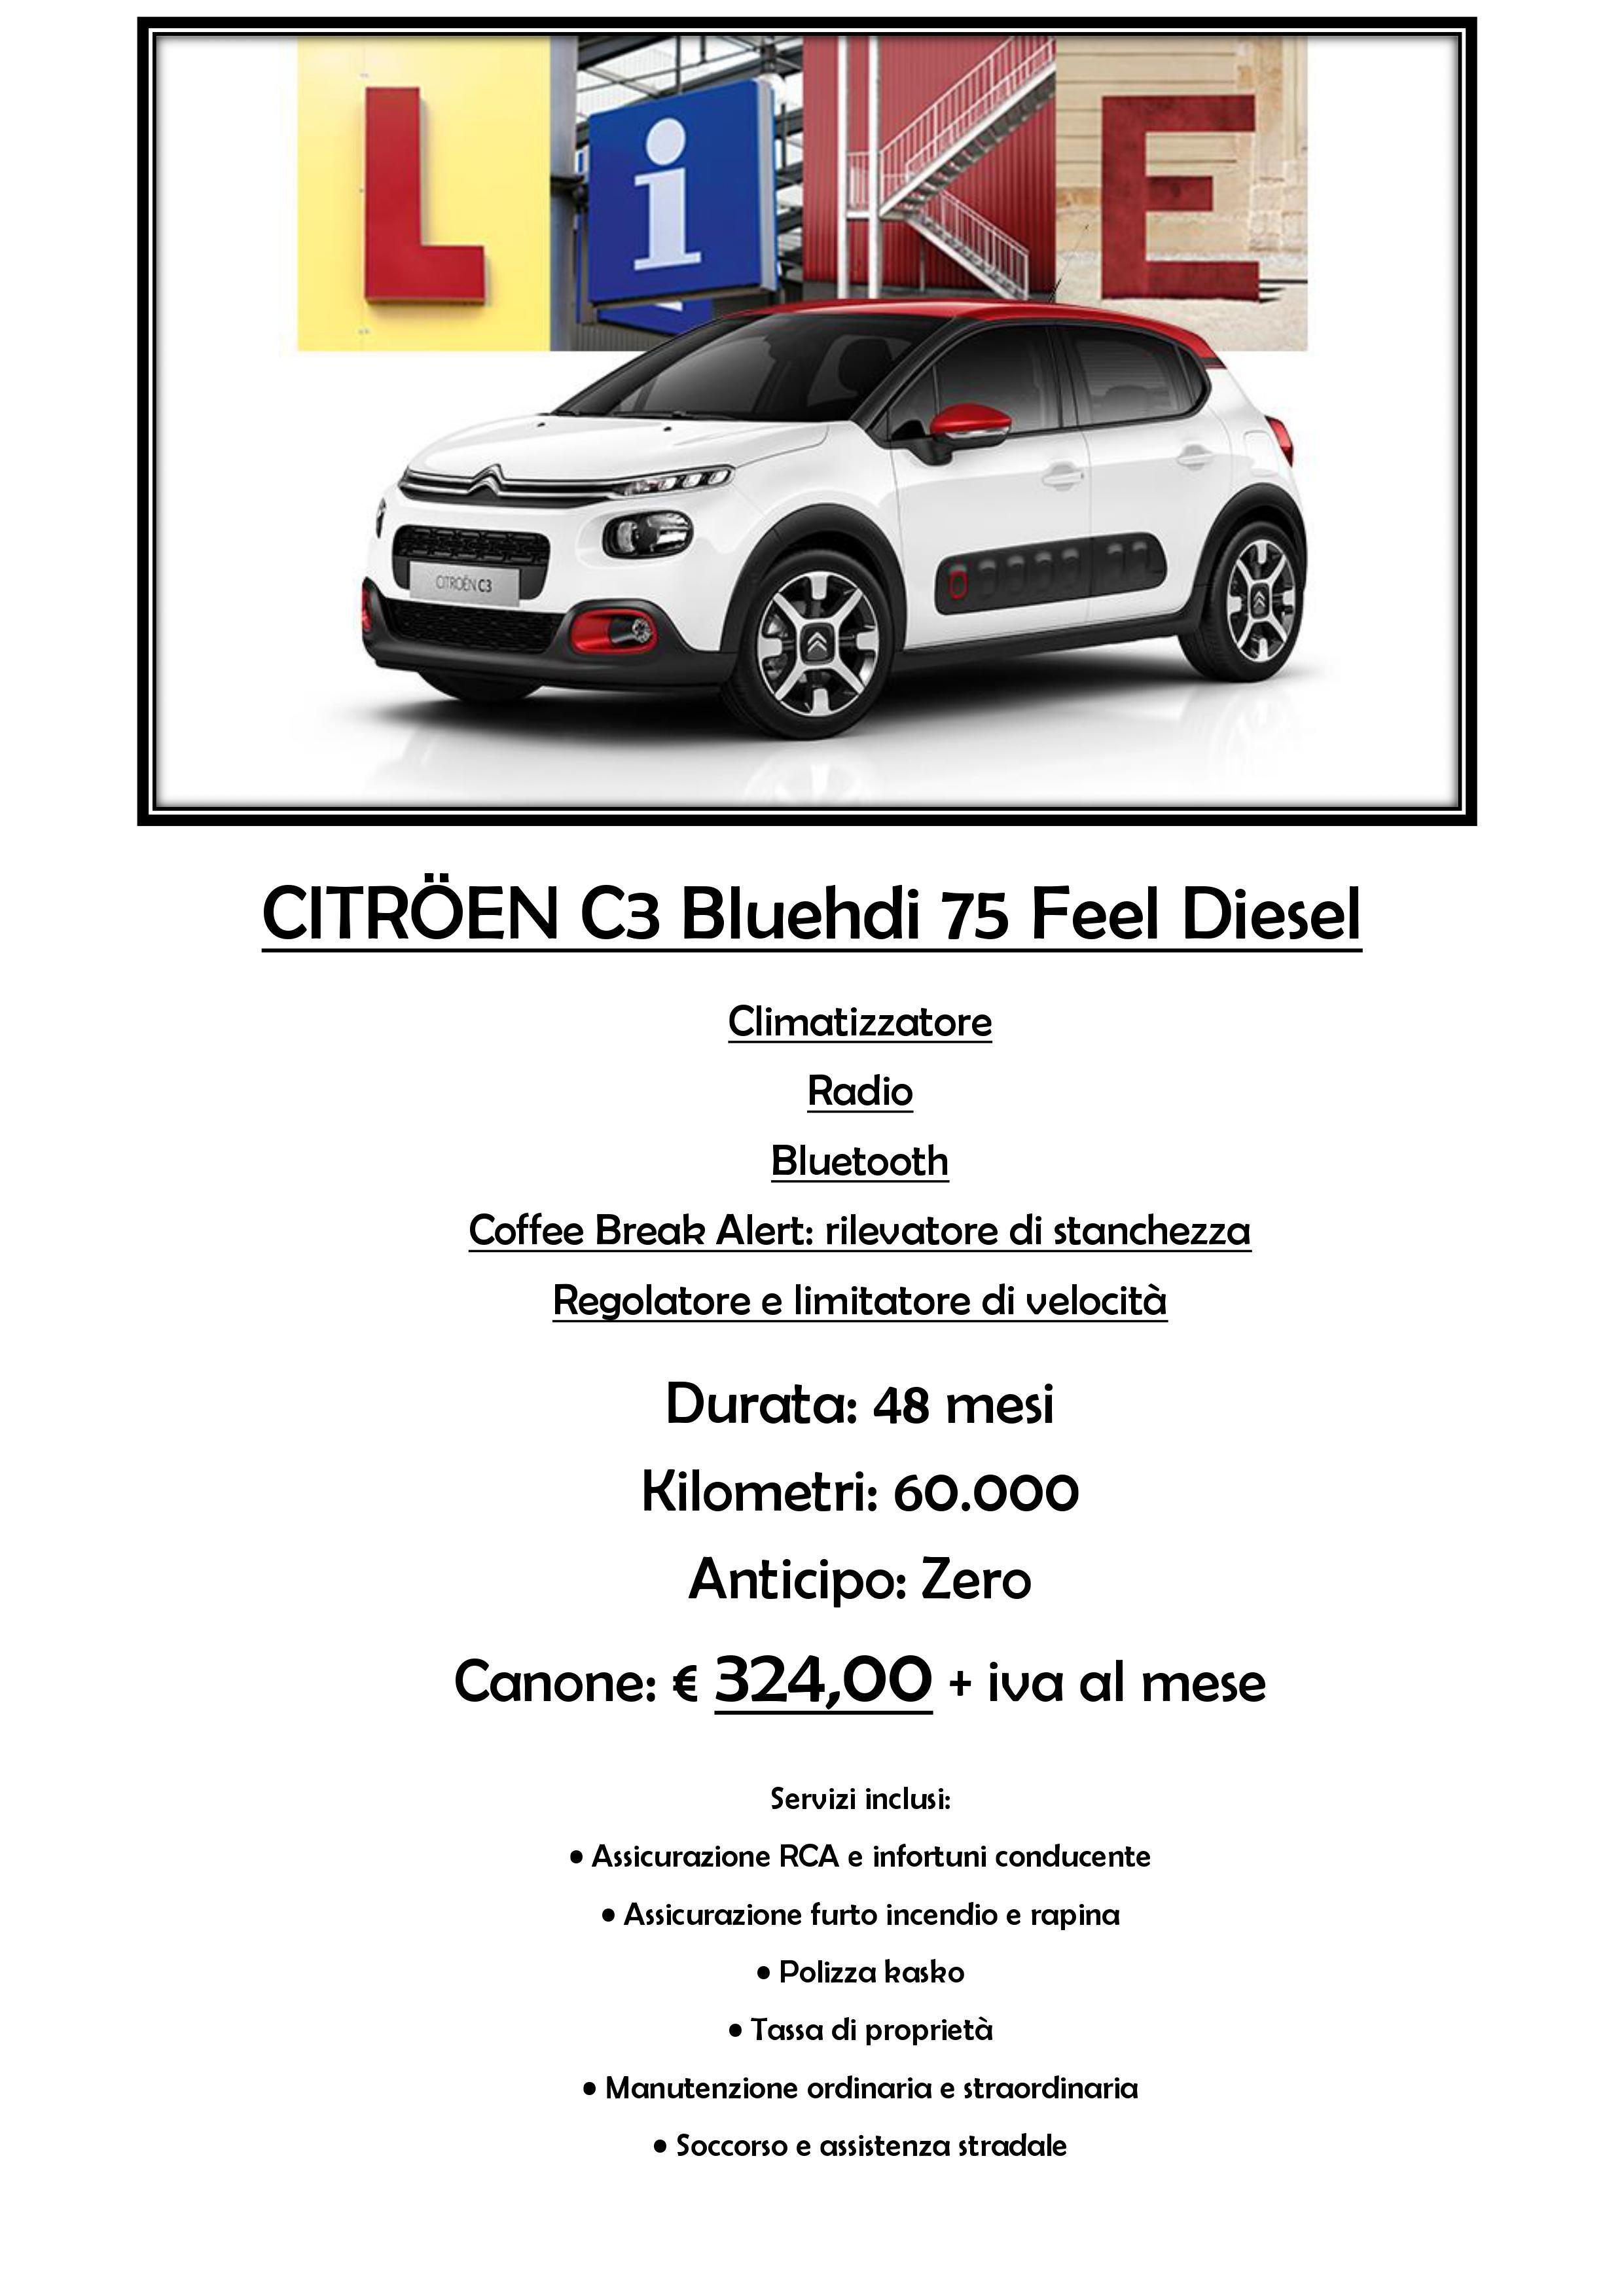 promozione Citroen C3